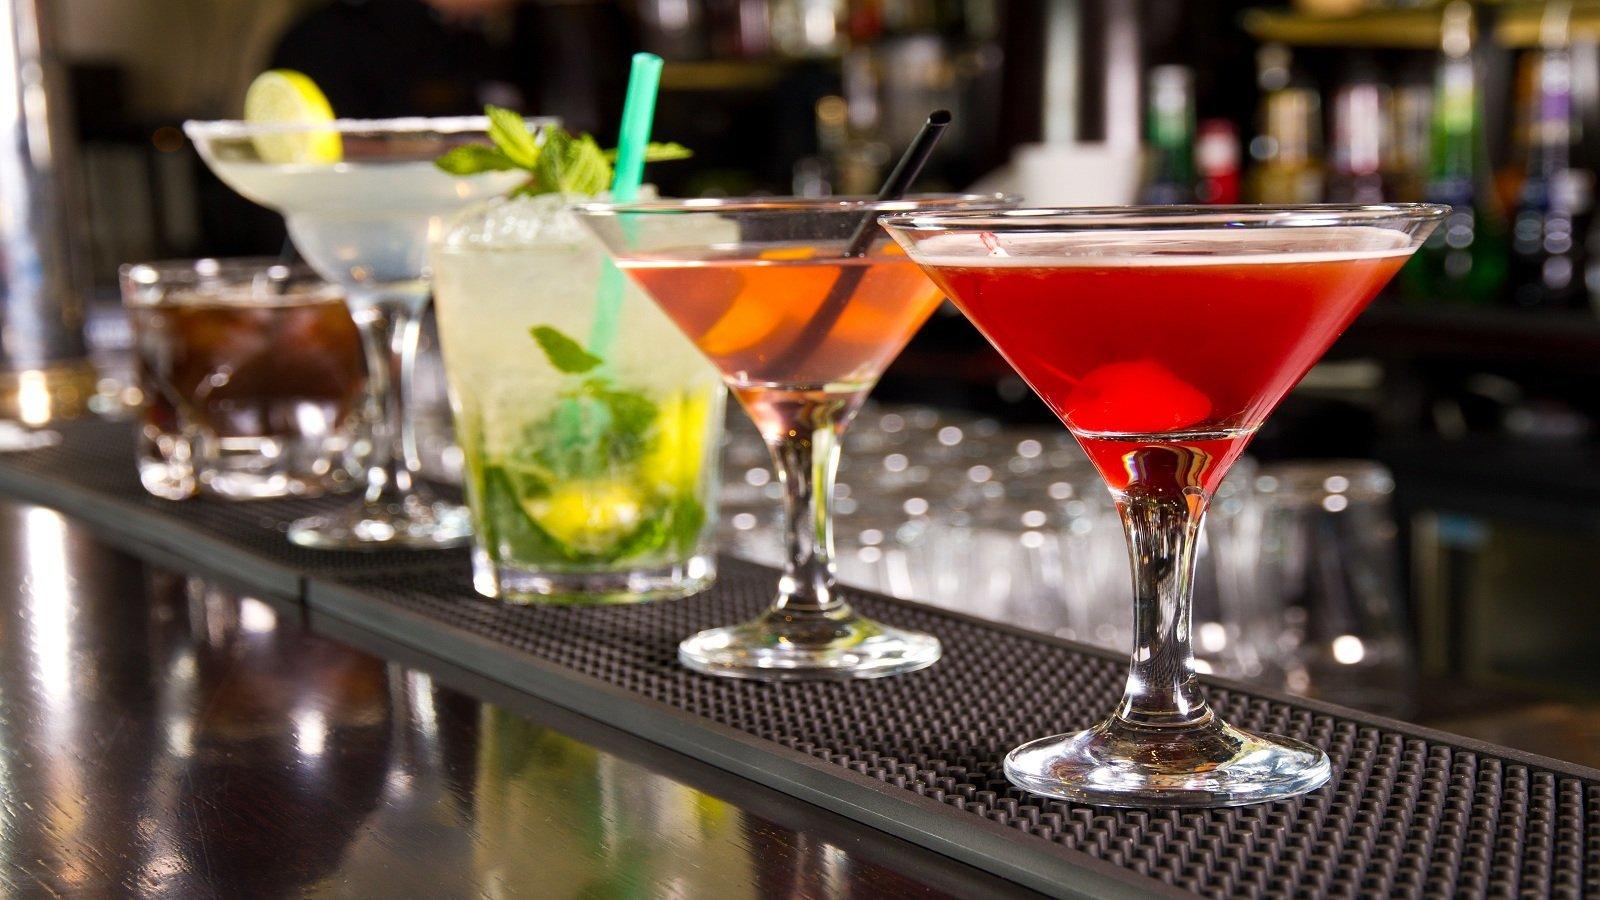 dei bicchieri con dei cocktail colorati